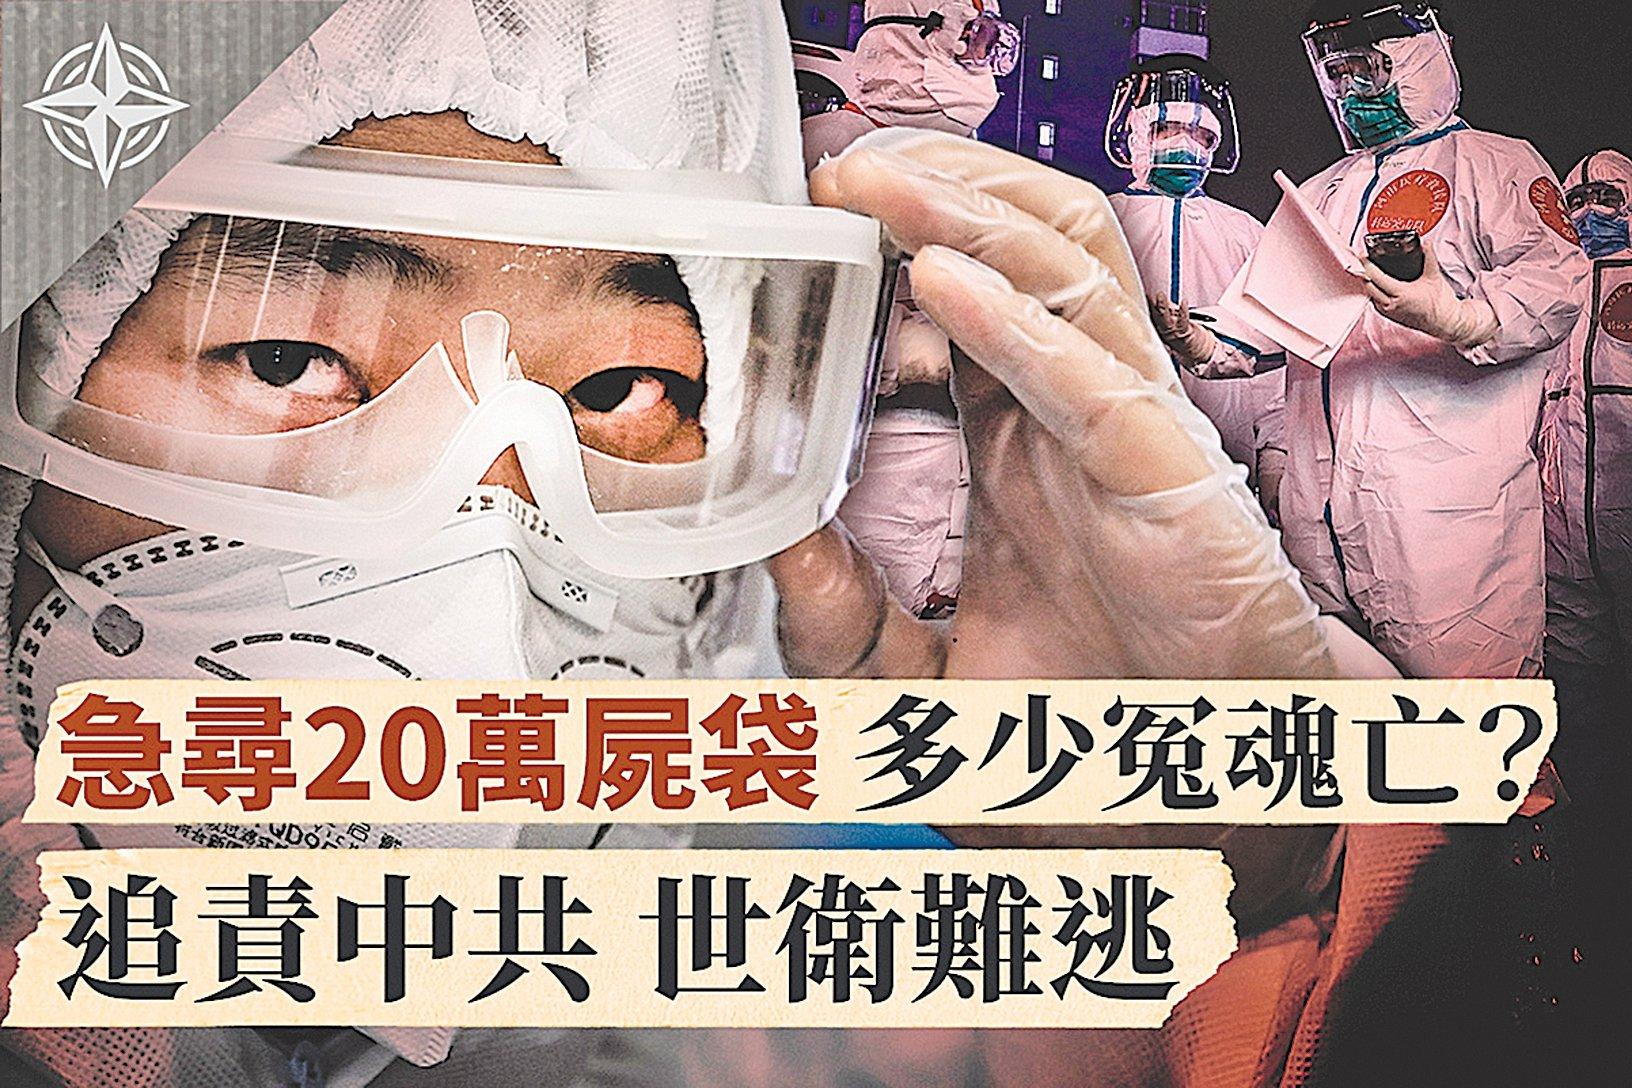 據台灣殯葬業者爆料,中共急尋20萬屍袋。多少冤魂亡?(大紀元合成圖)